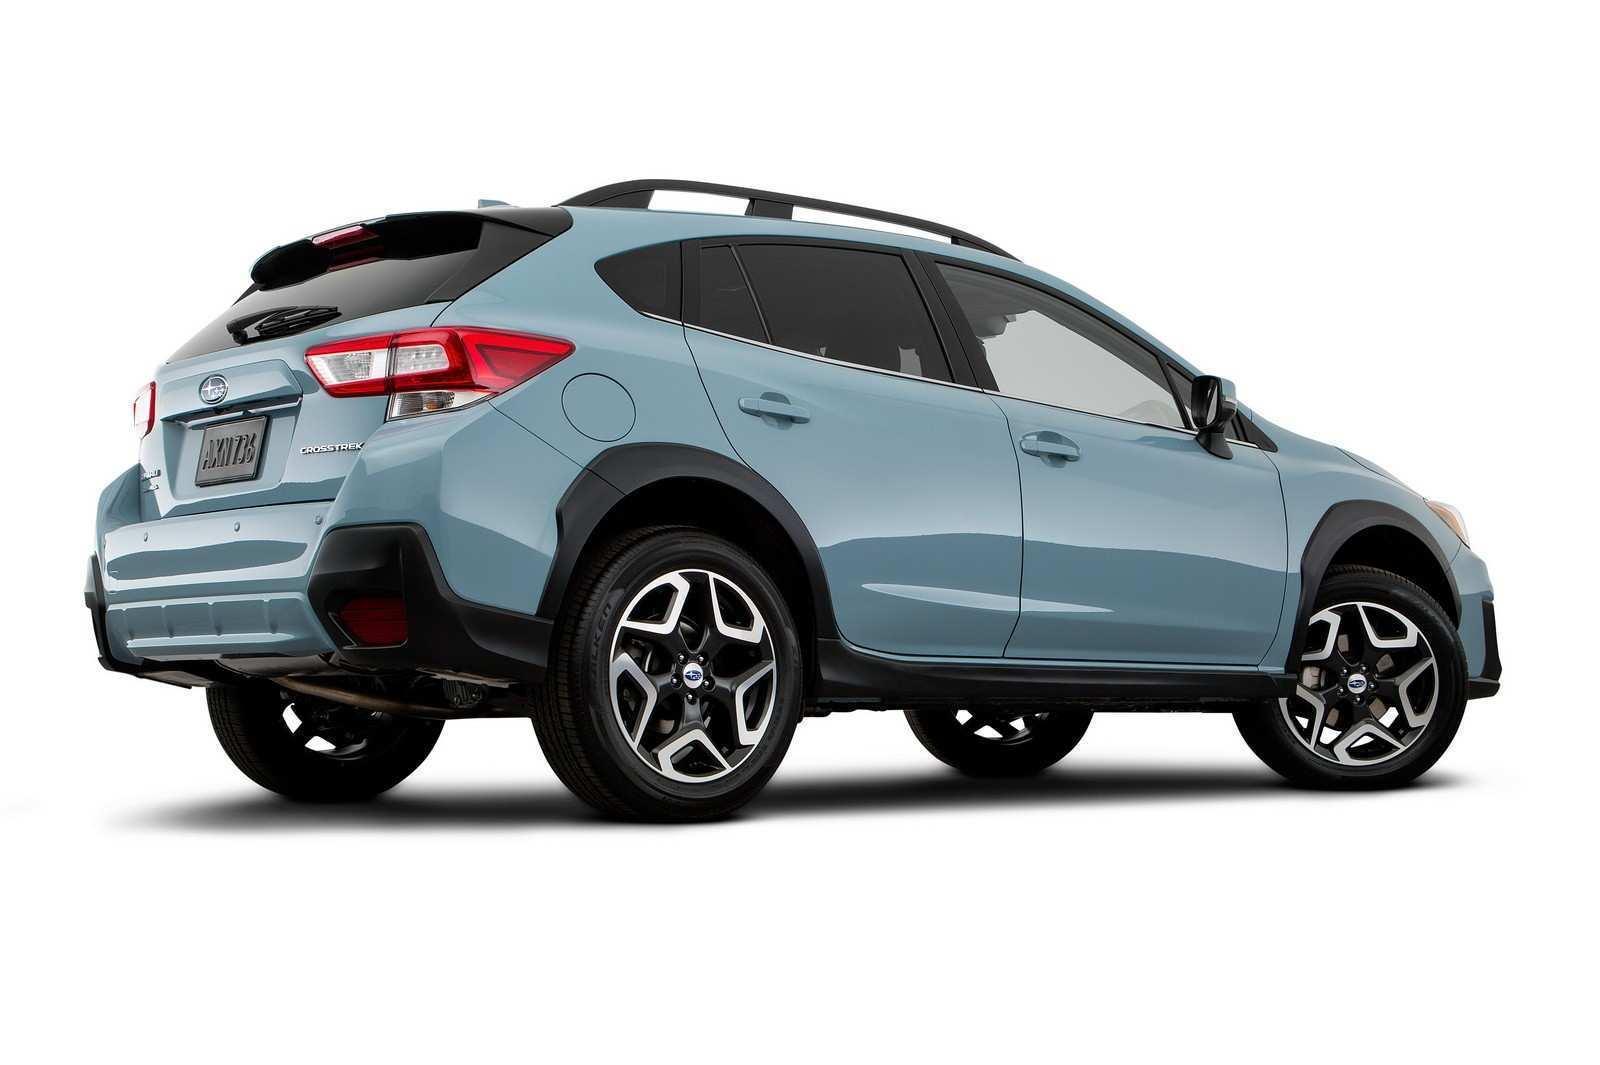 32 Concept of 2019 Subaru Evoltis New Review for 2019 Subaru Evoltis